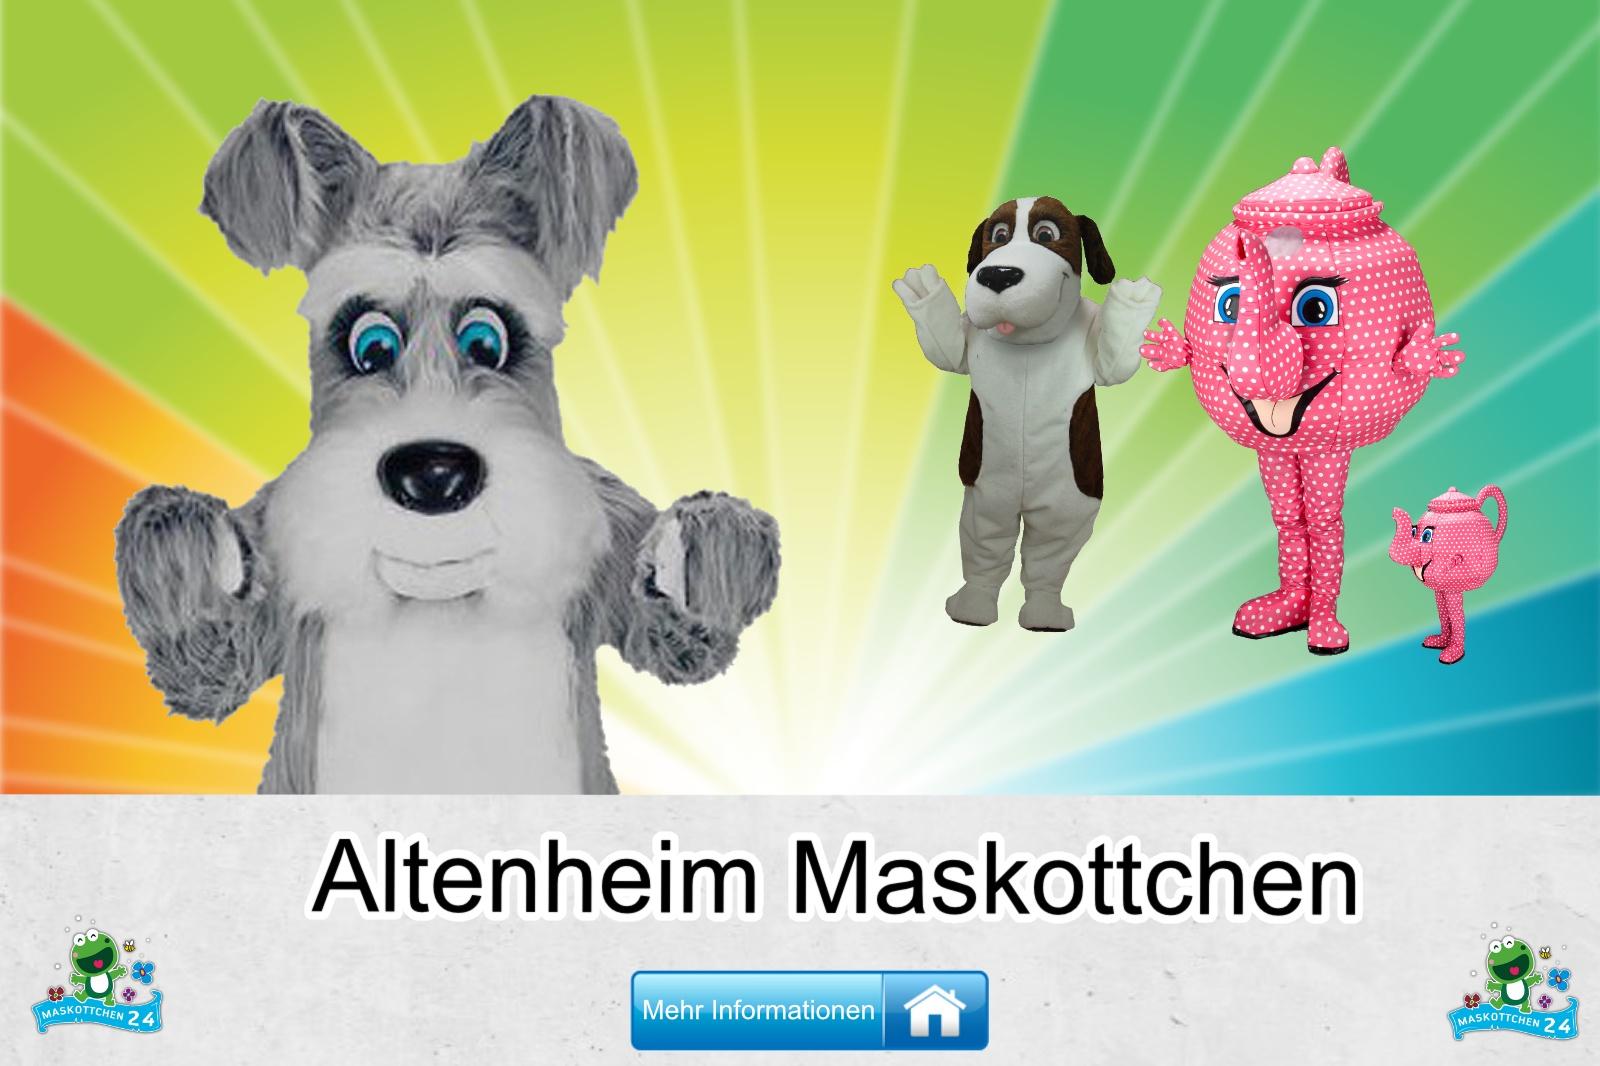 Altenheim Kostüm kaufen, günstige Produktion / Herstellung